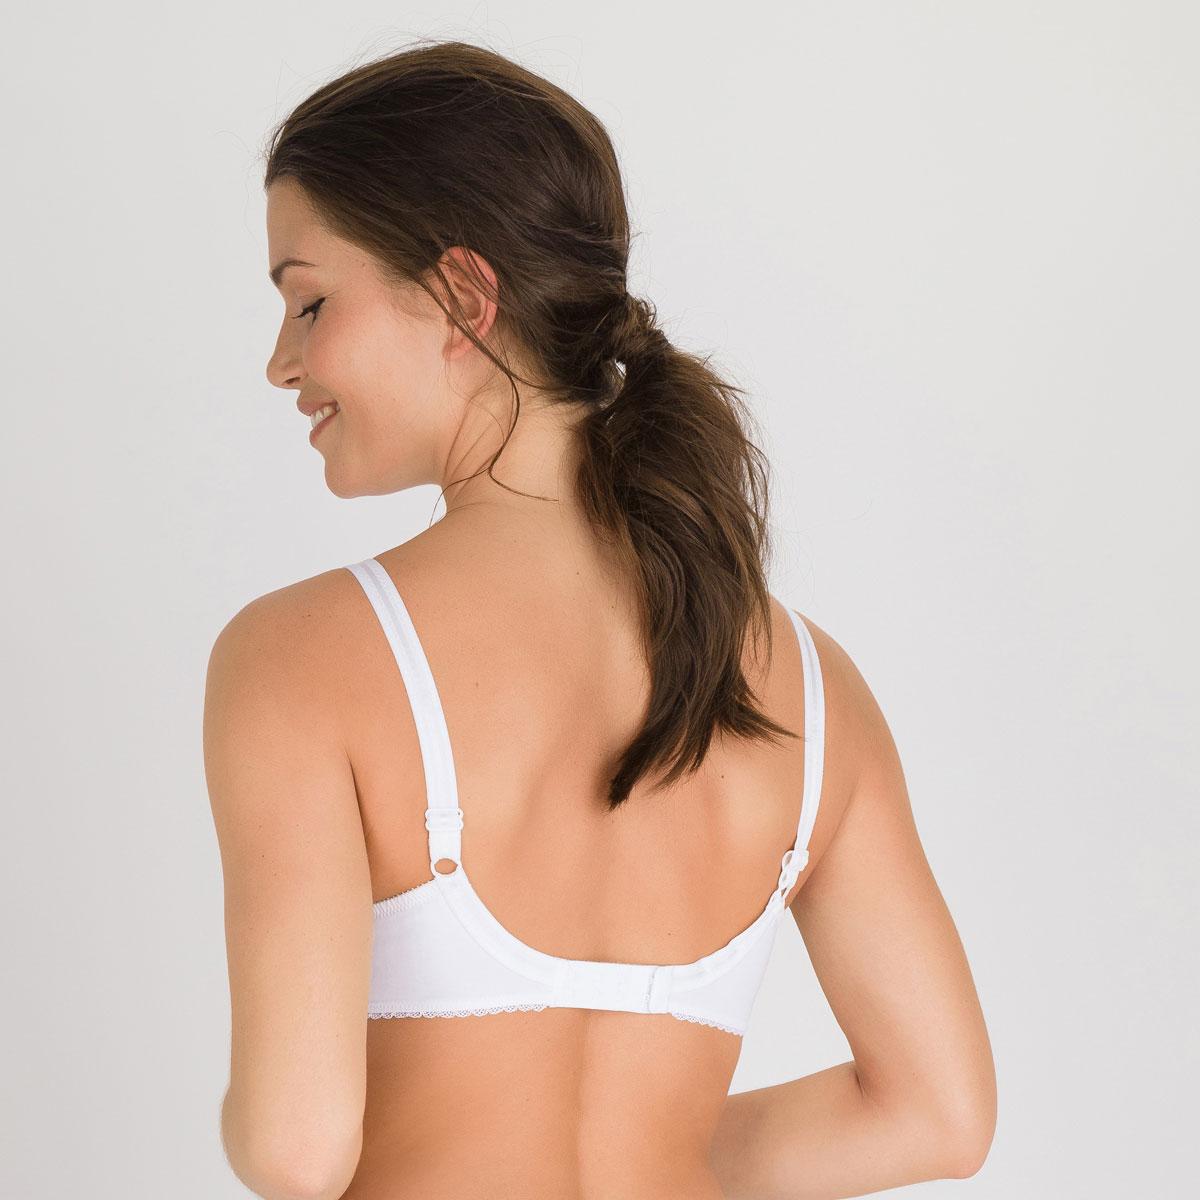 Soutien-gorge emboîtant blanc  – Cœur Croisé Coton-PLAYTEX